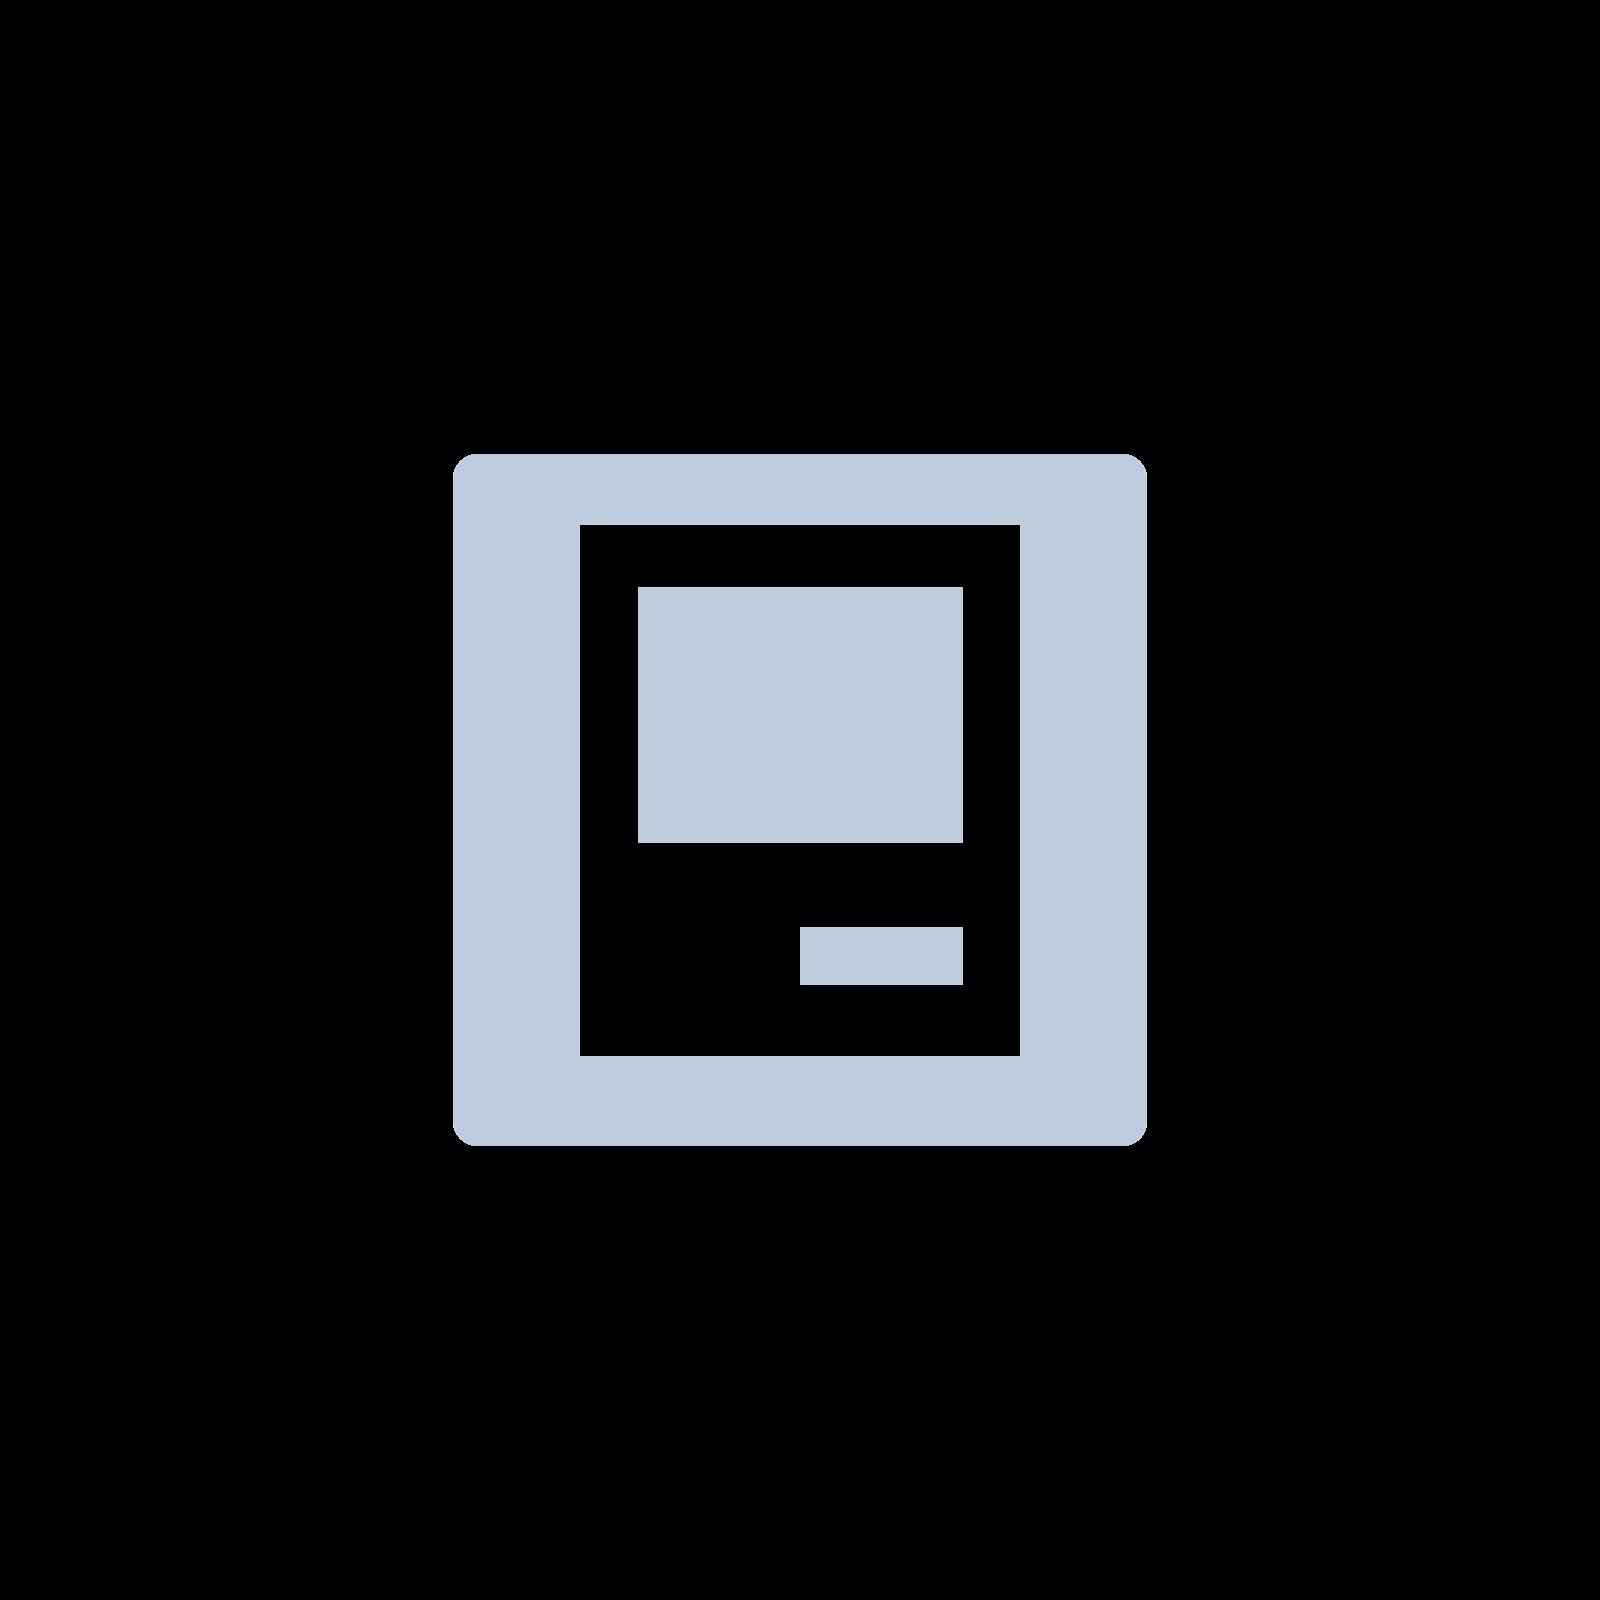 Mac mini Core i5 1.4 GHz (Macmini7,1, 500GB HDD, 4GB)